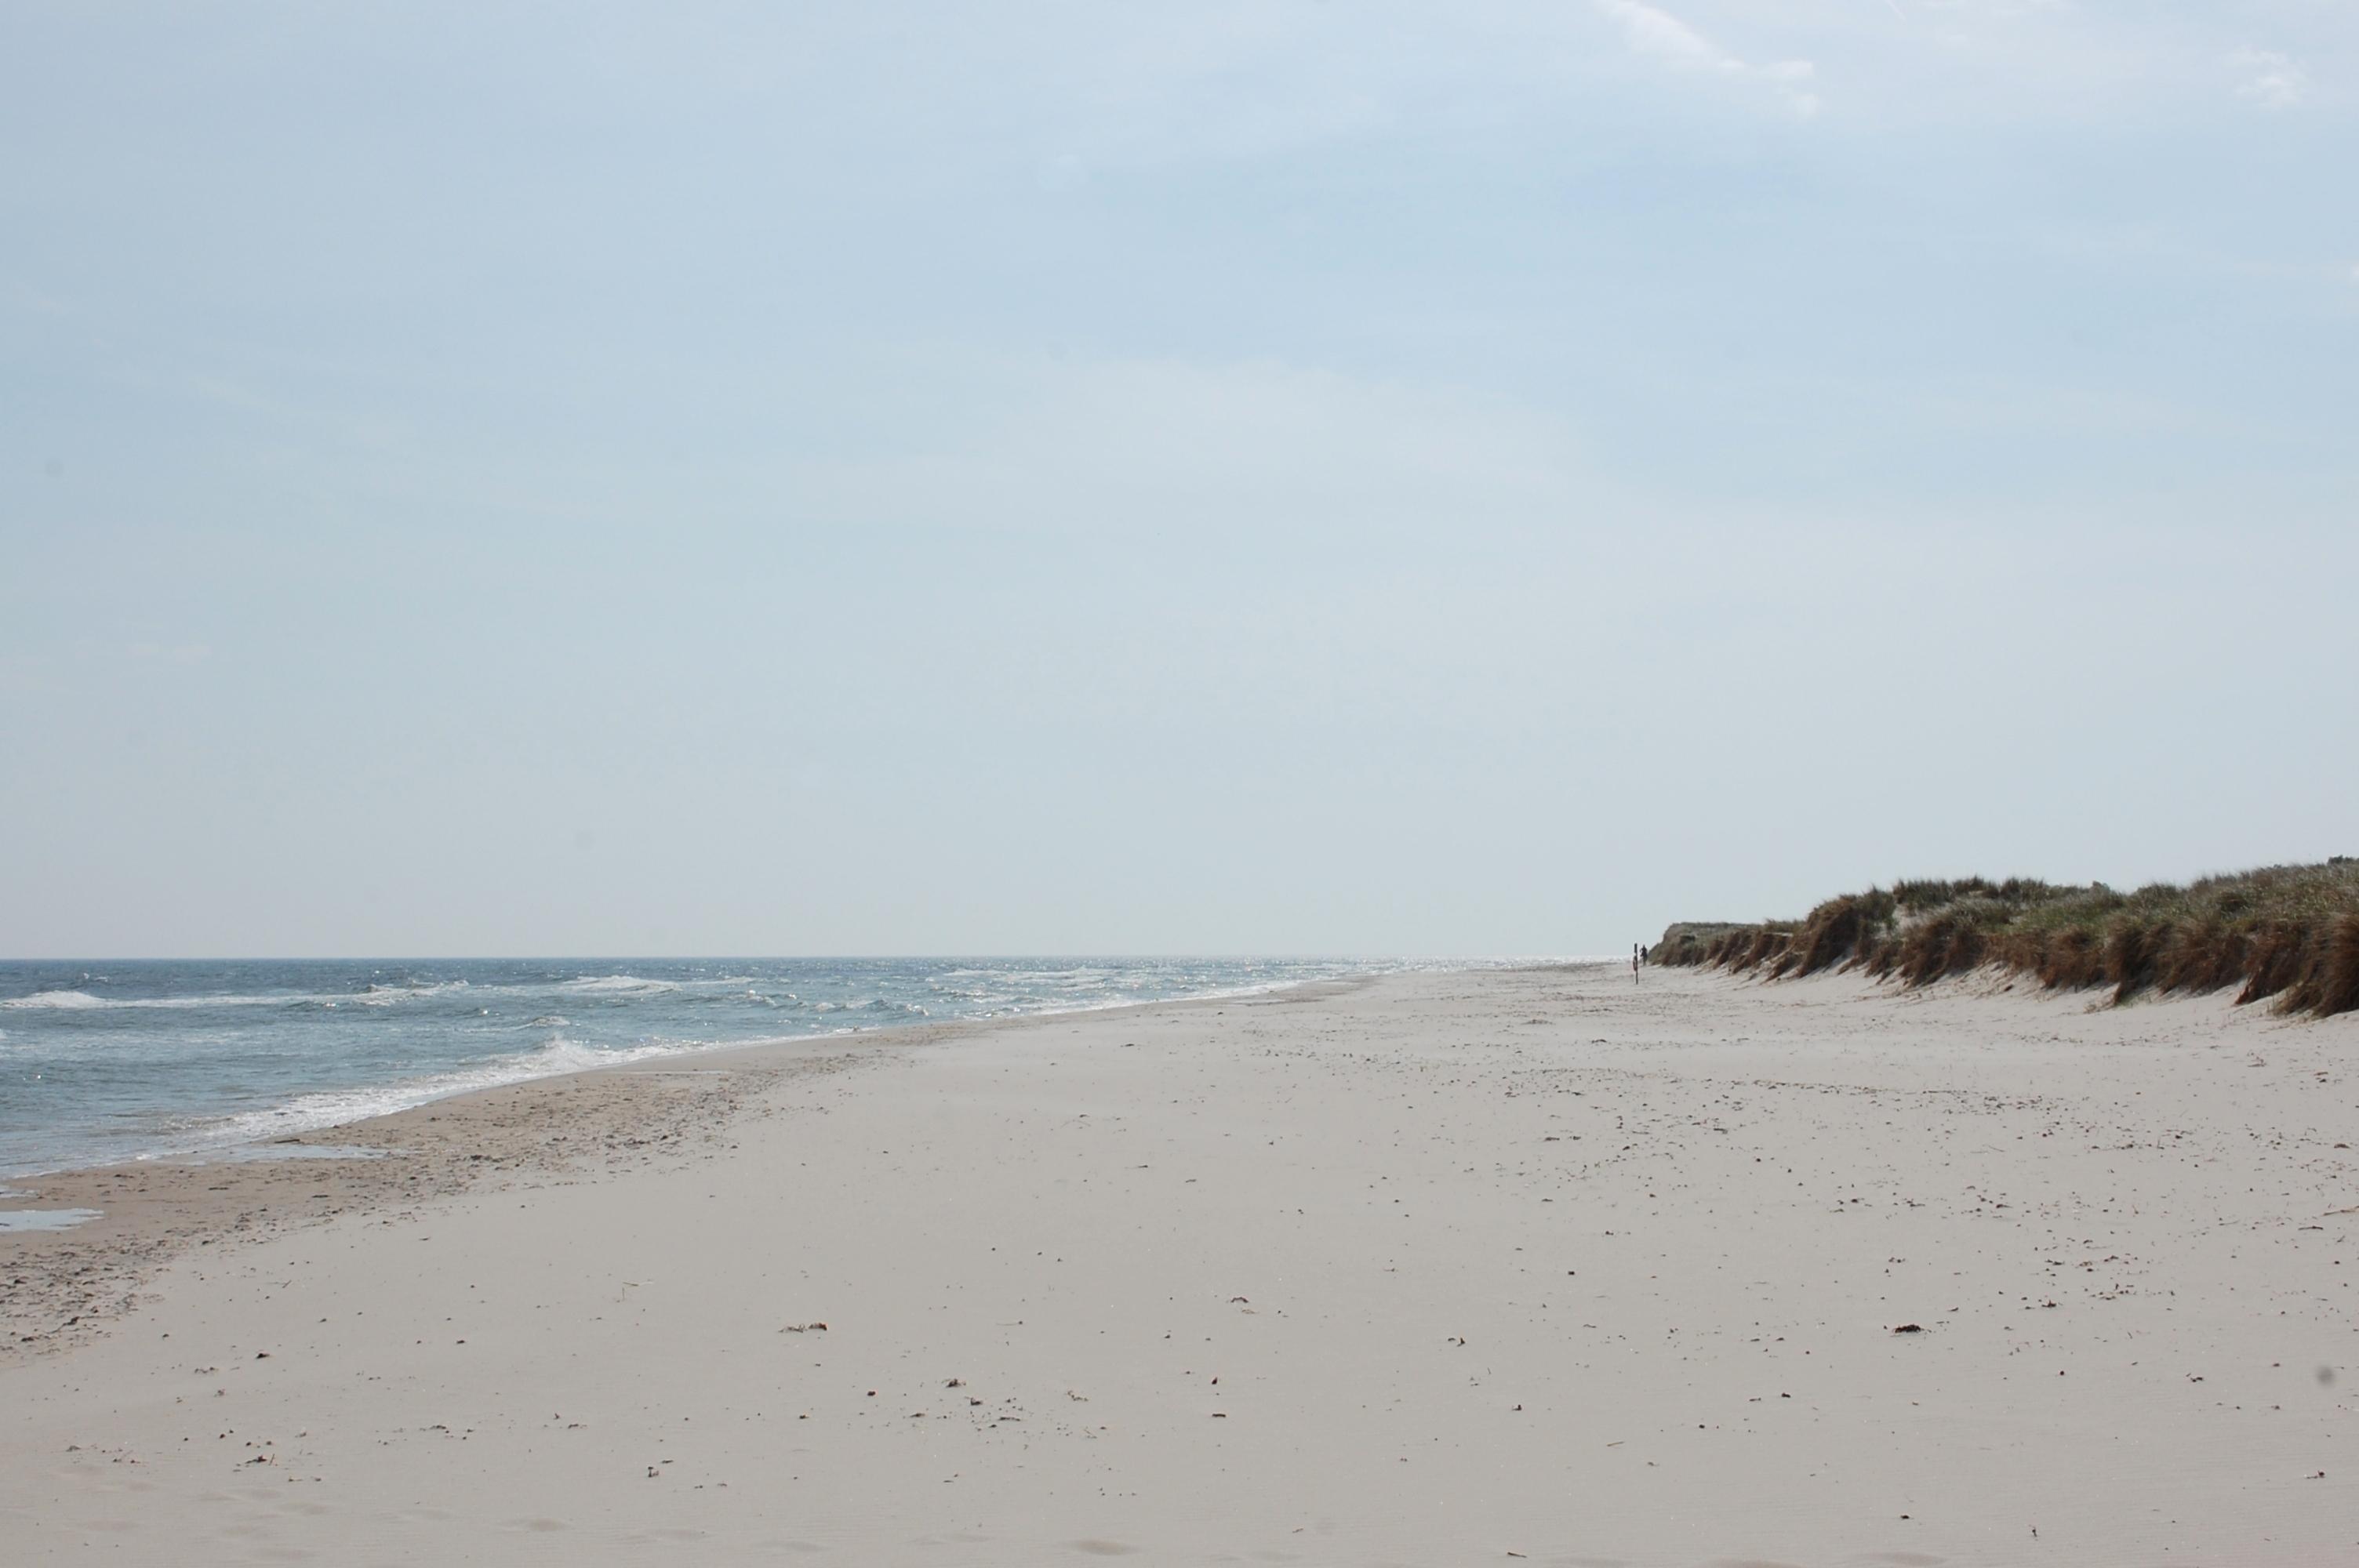 Sandhammaren_Strand_Blick_nach_Süden